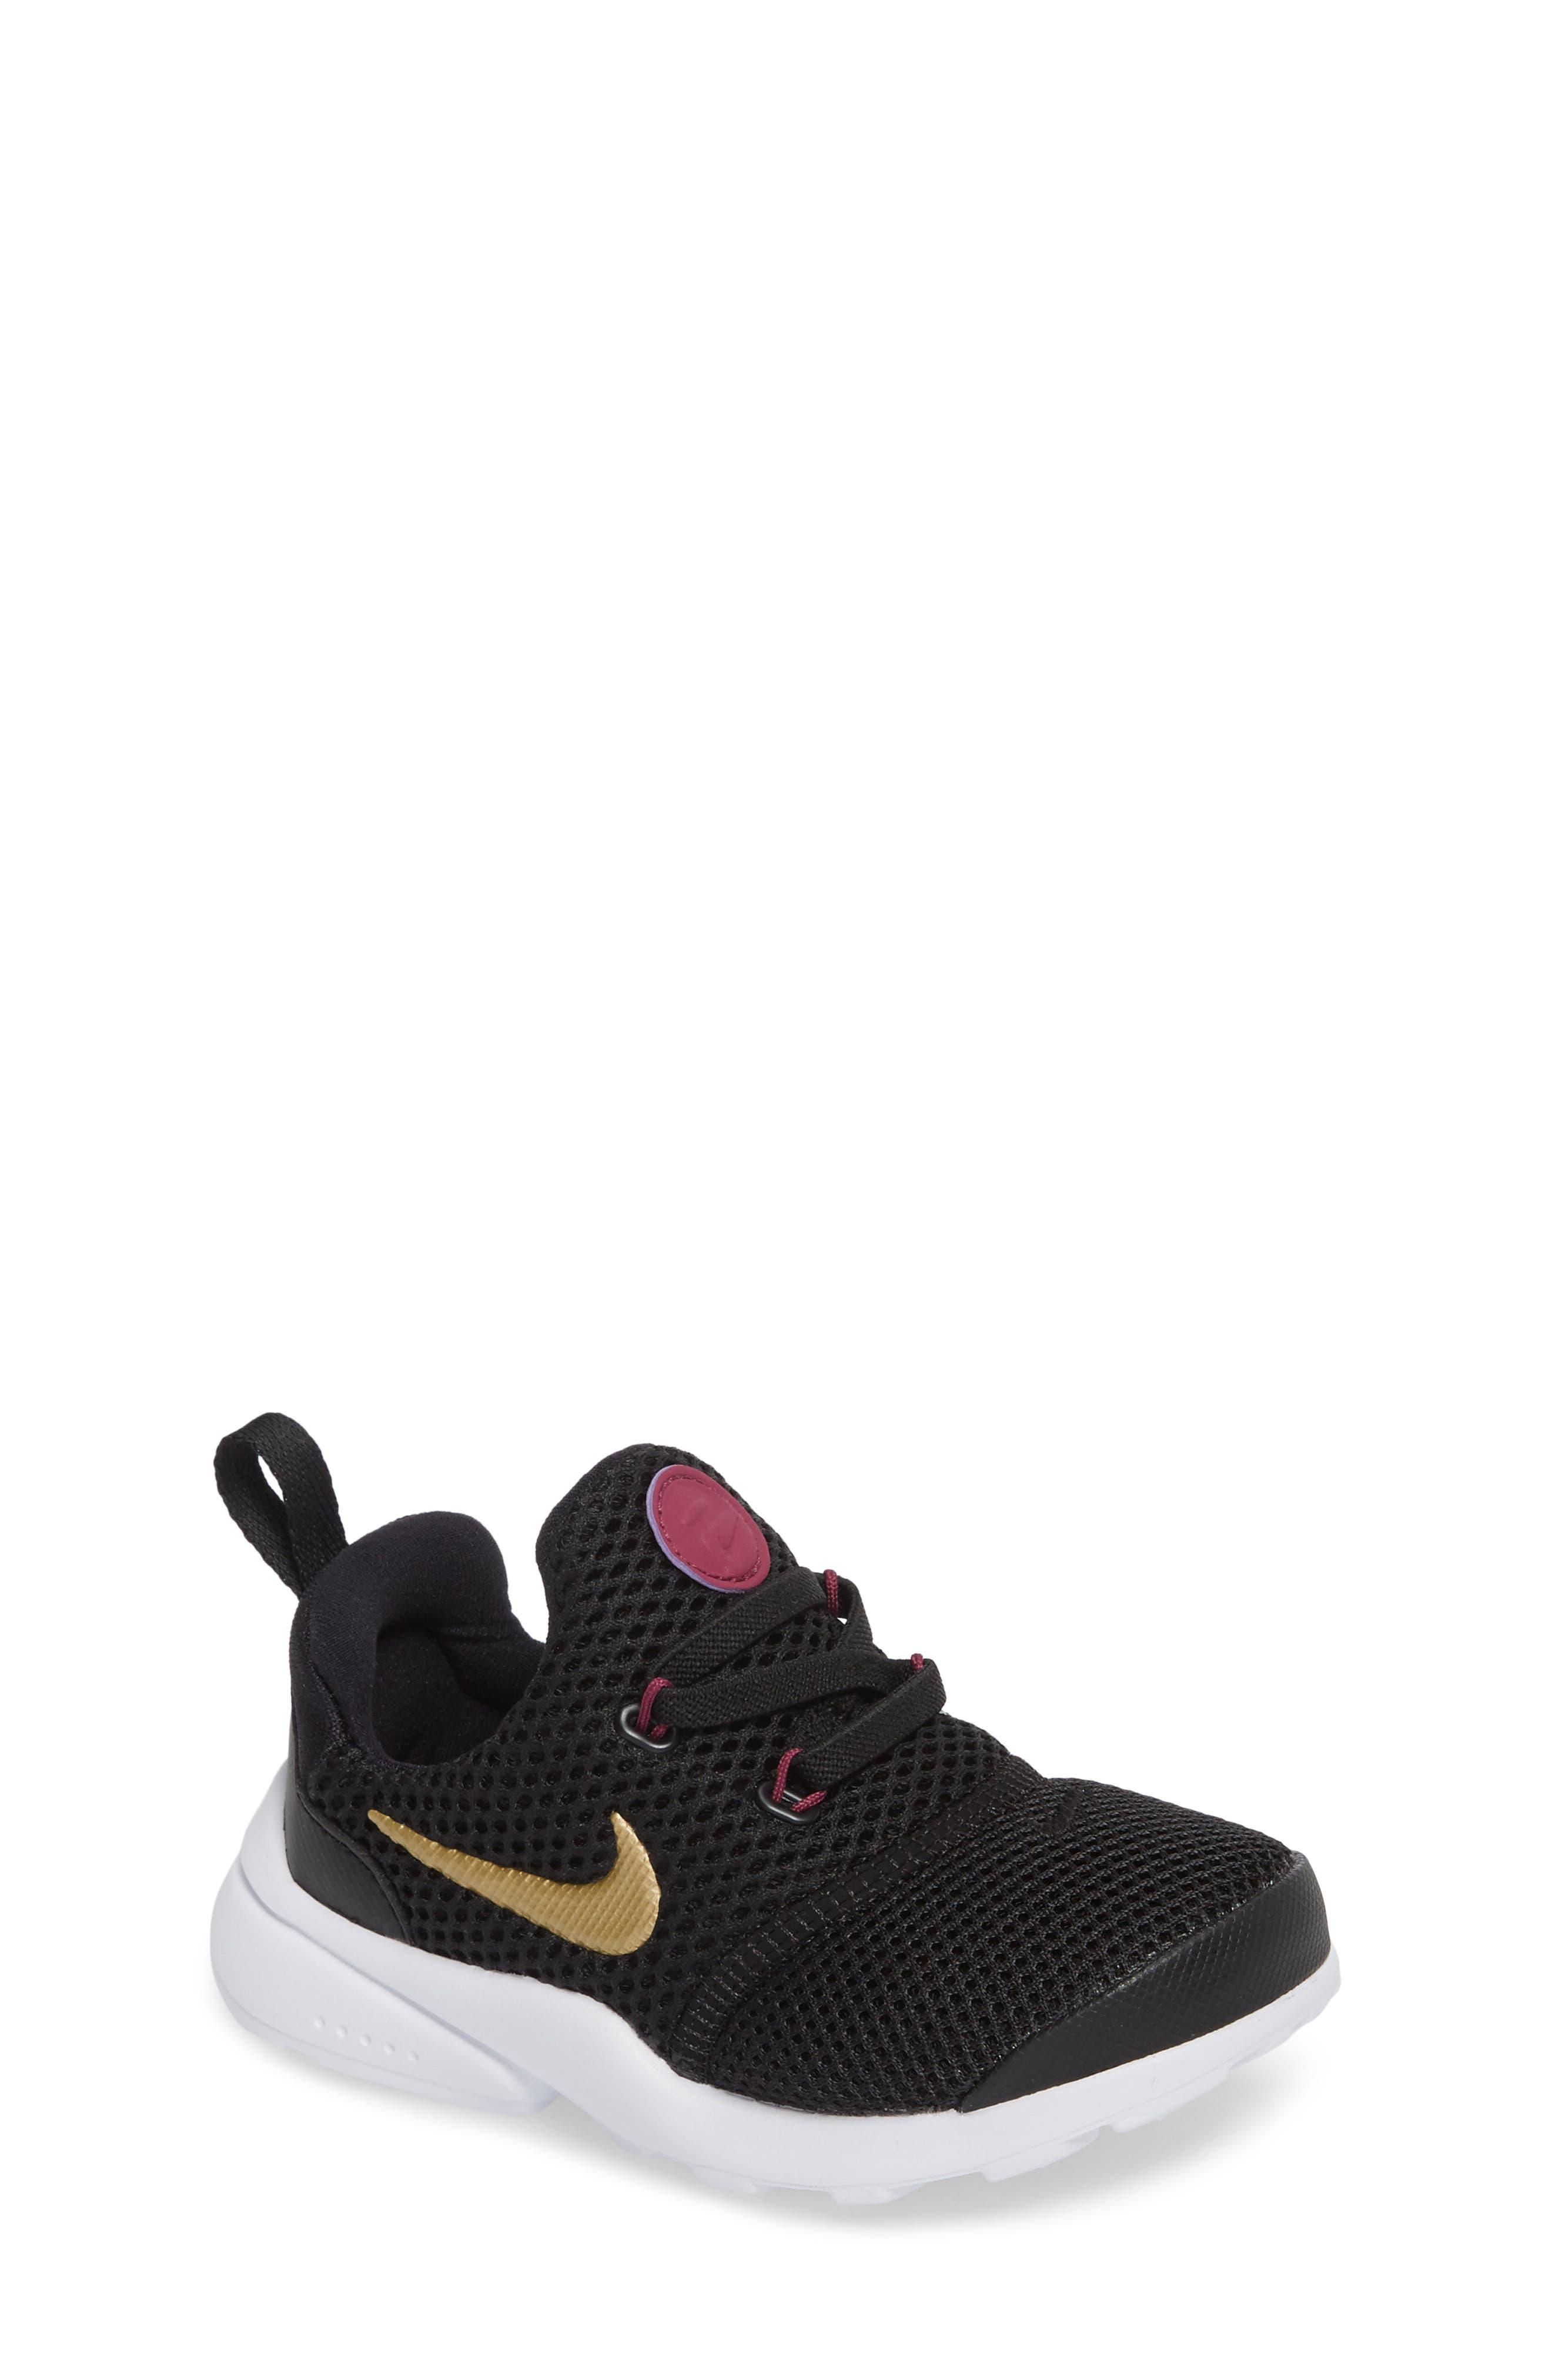 Presto Fly Sneaker,                         Main,                         color, Black/ Gold